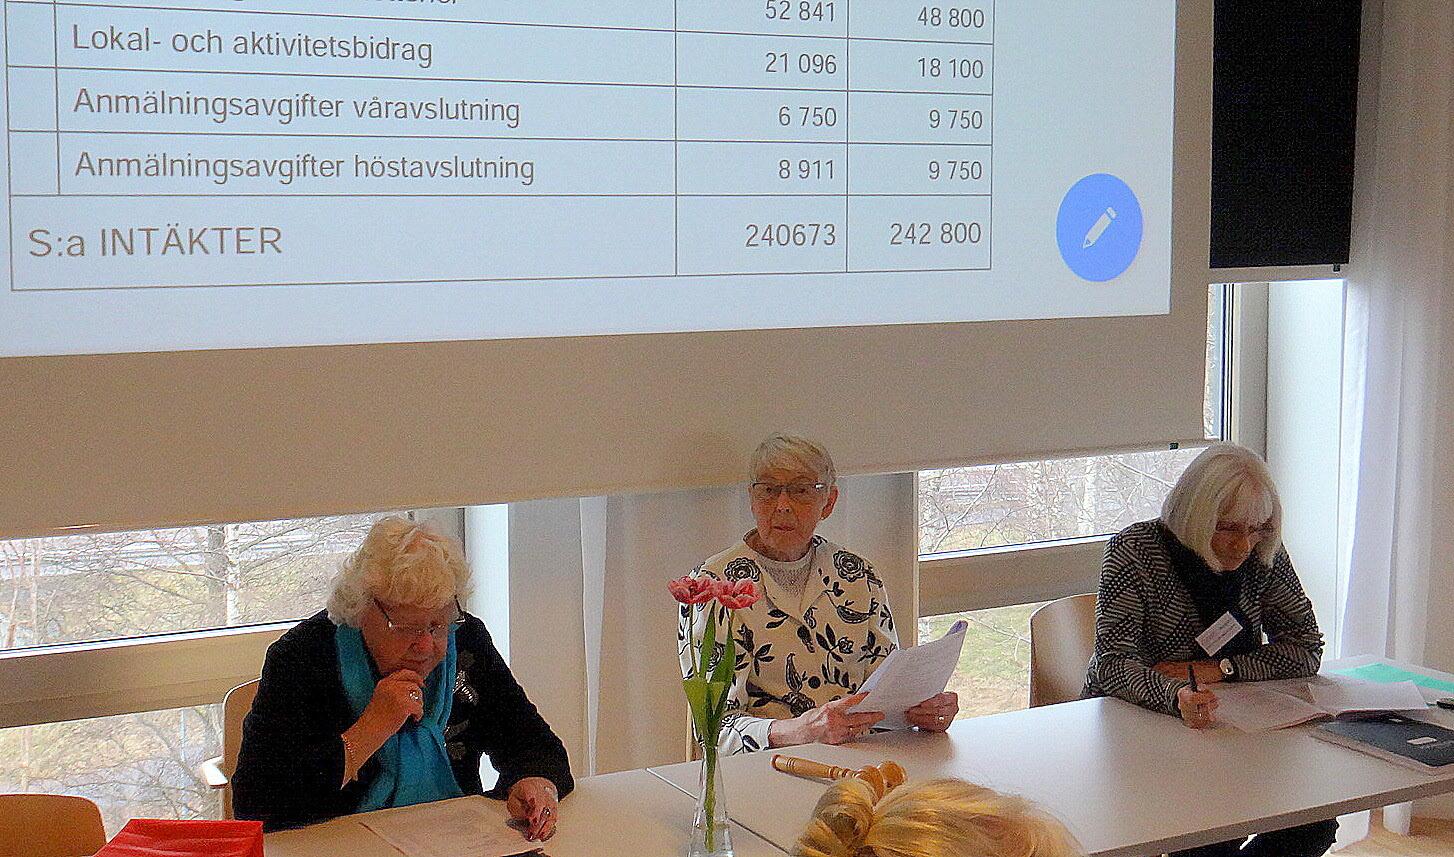 Årsmötet leddes av Margaretha Sahlin